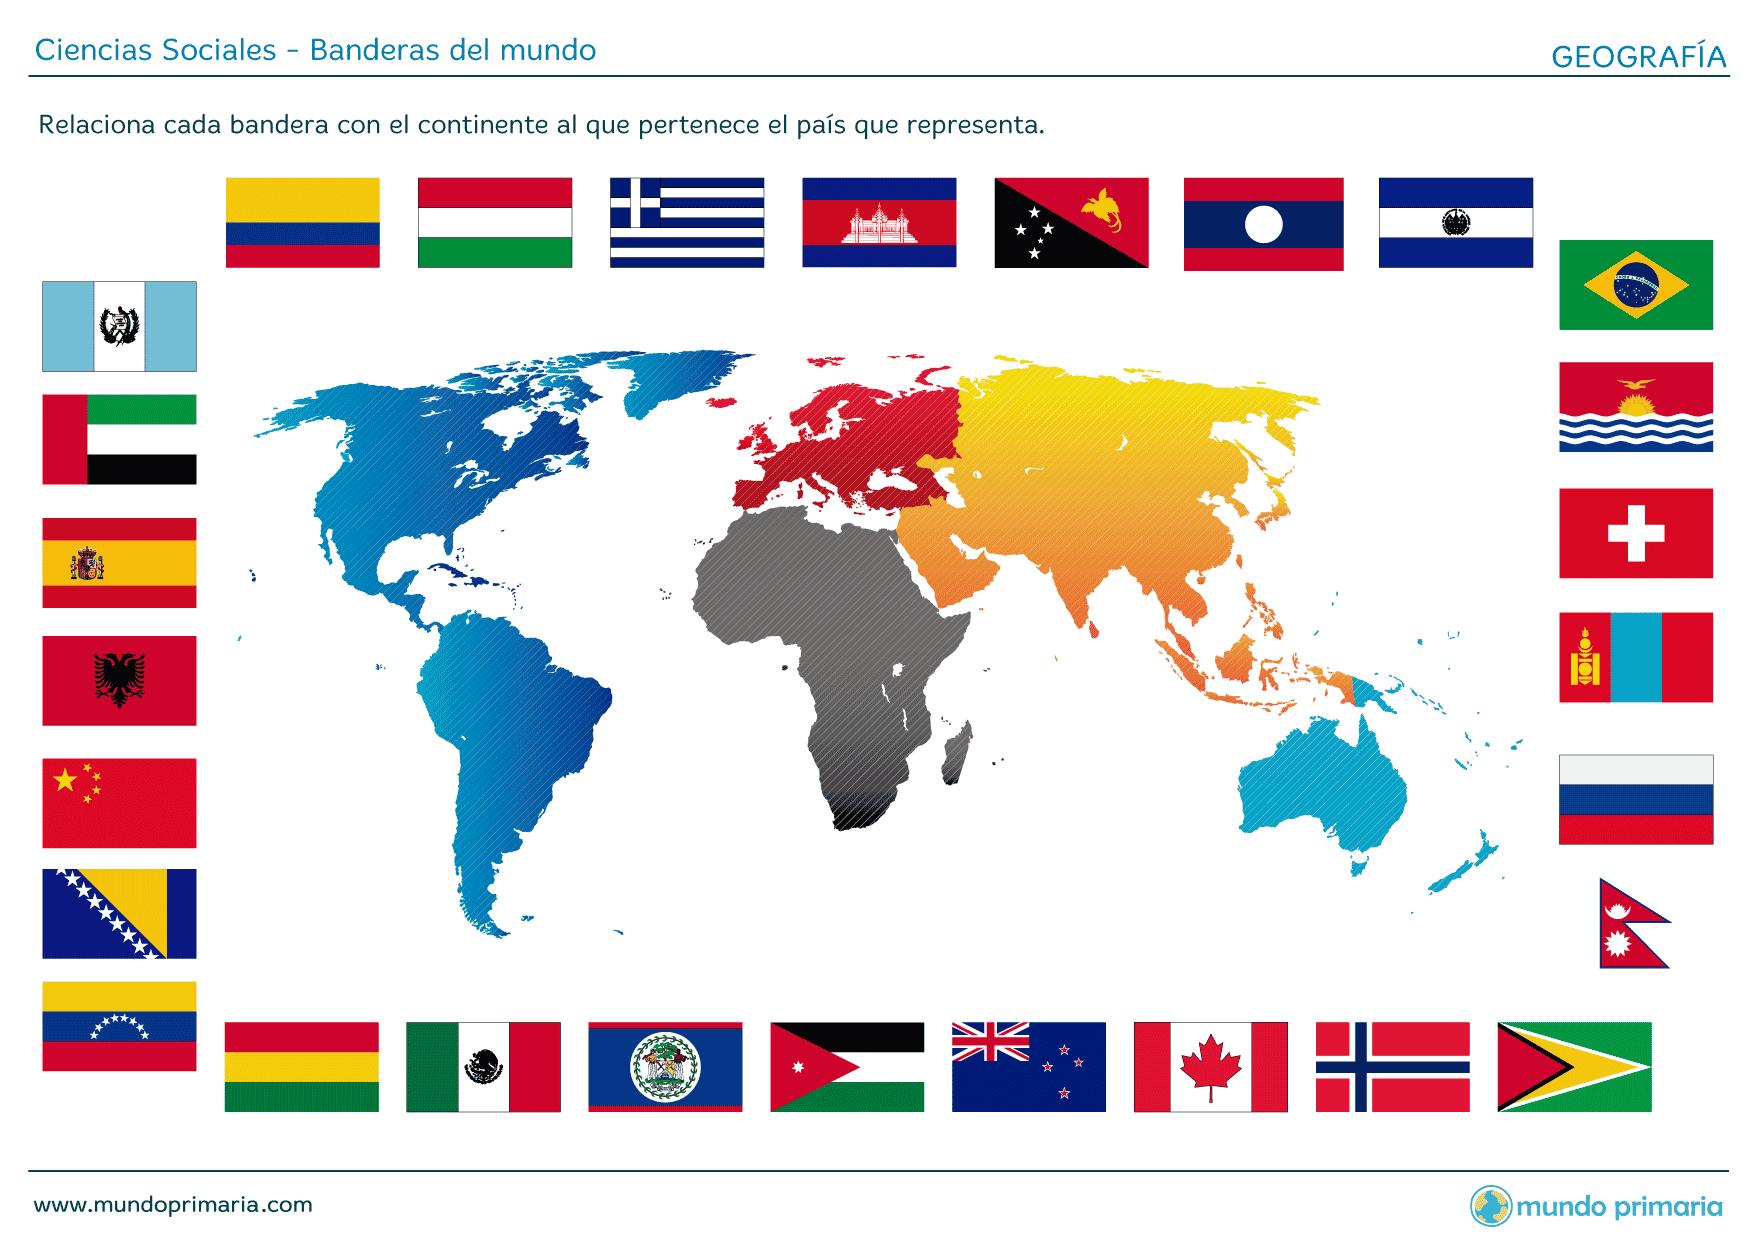 Cl Banderas Del Mundo 02